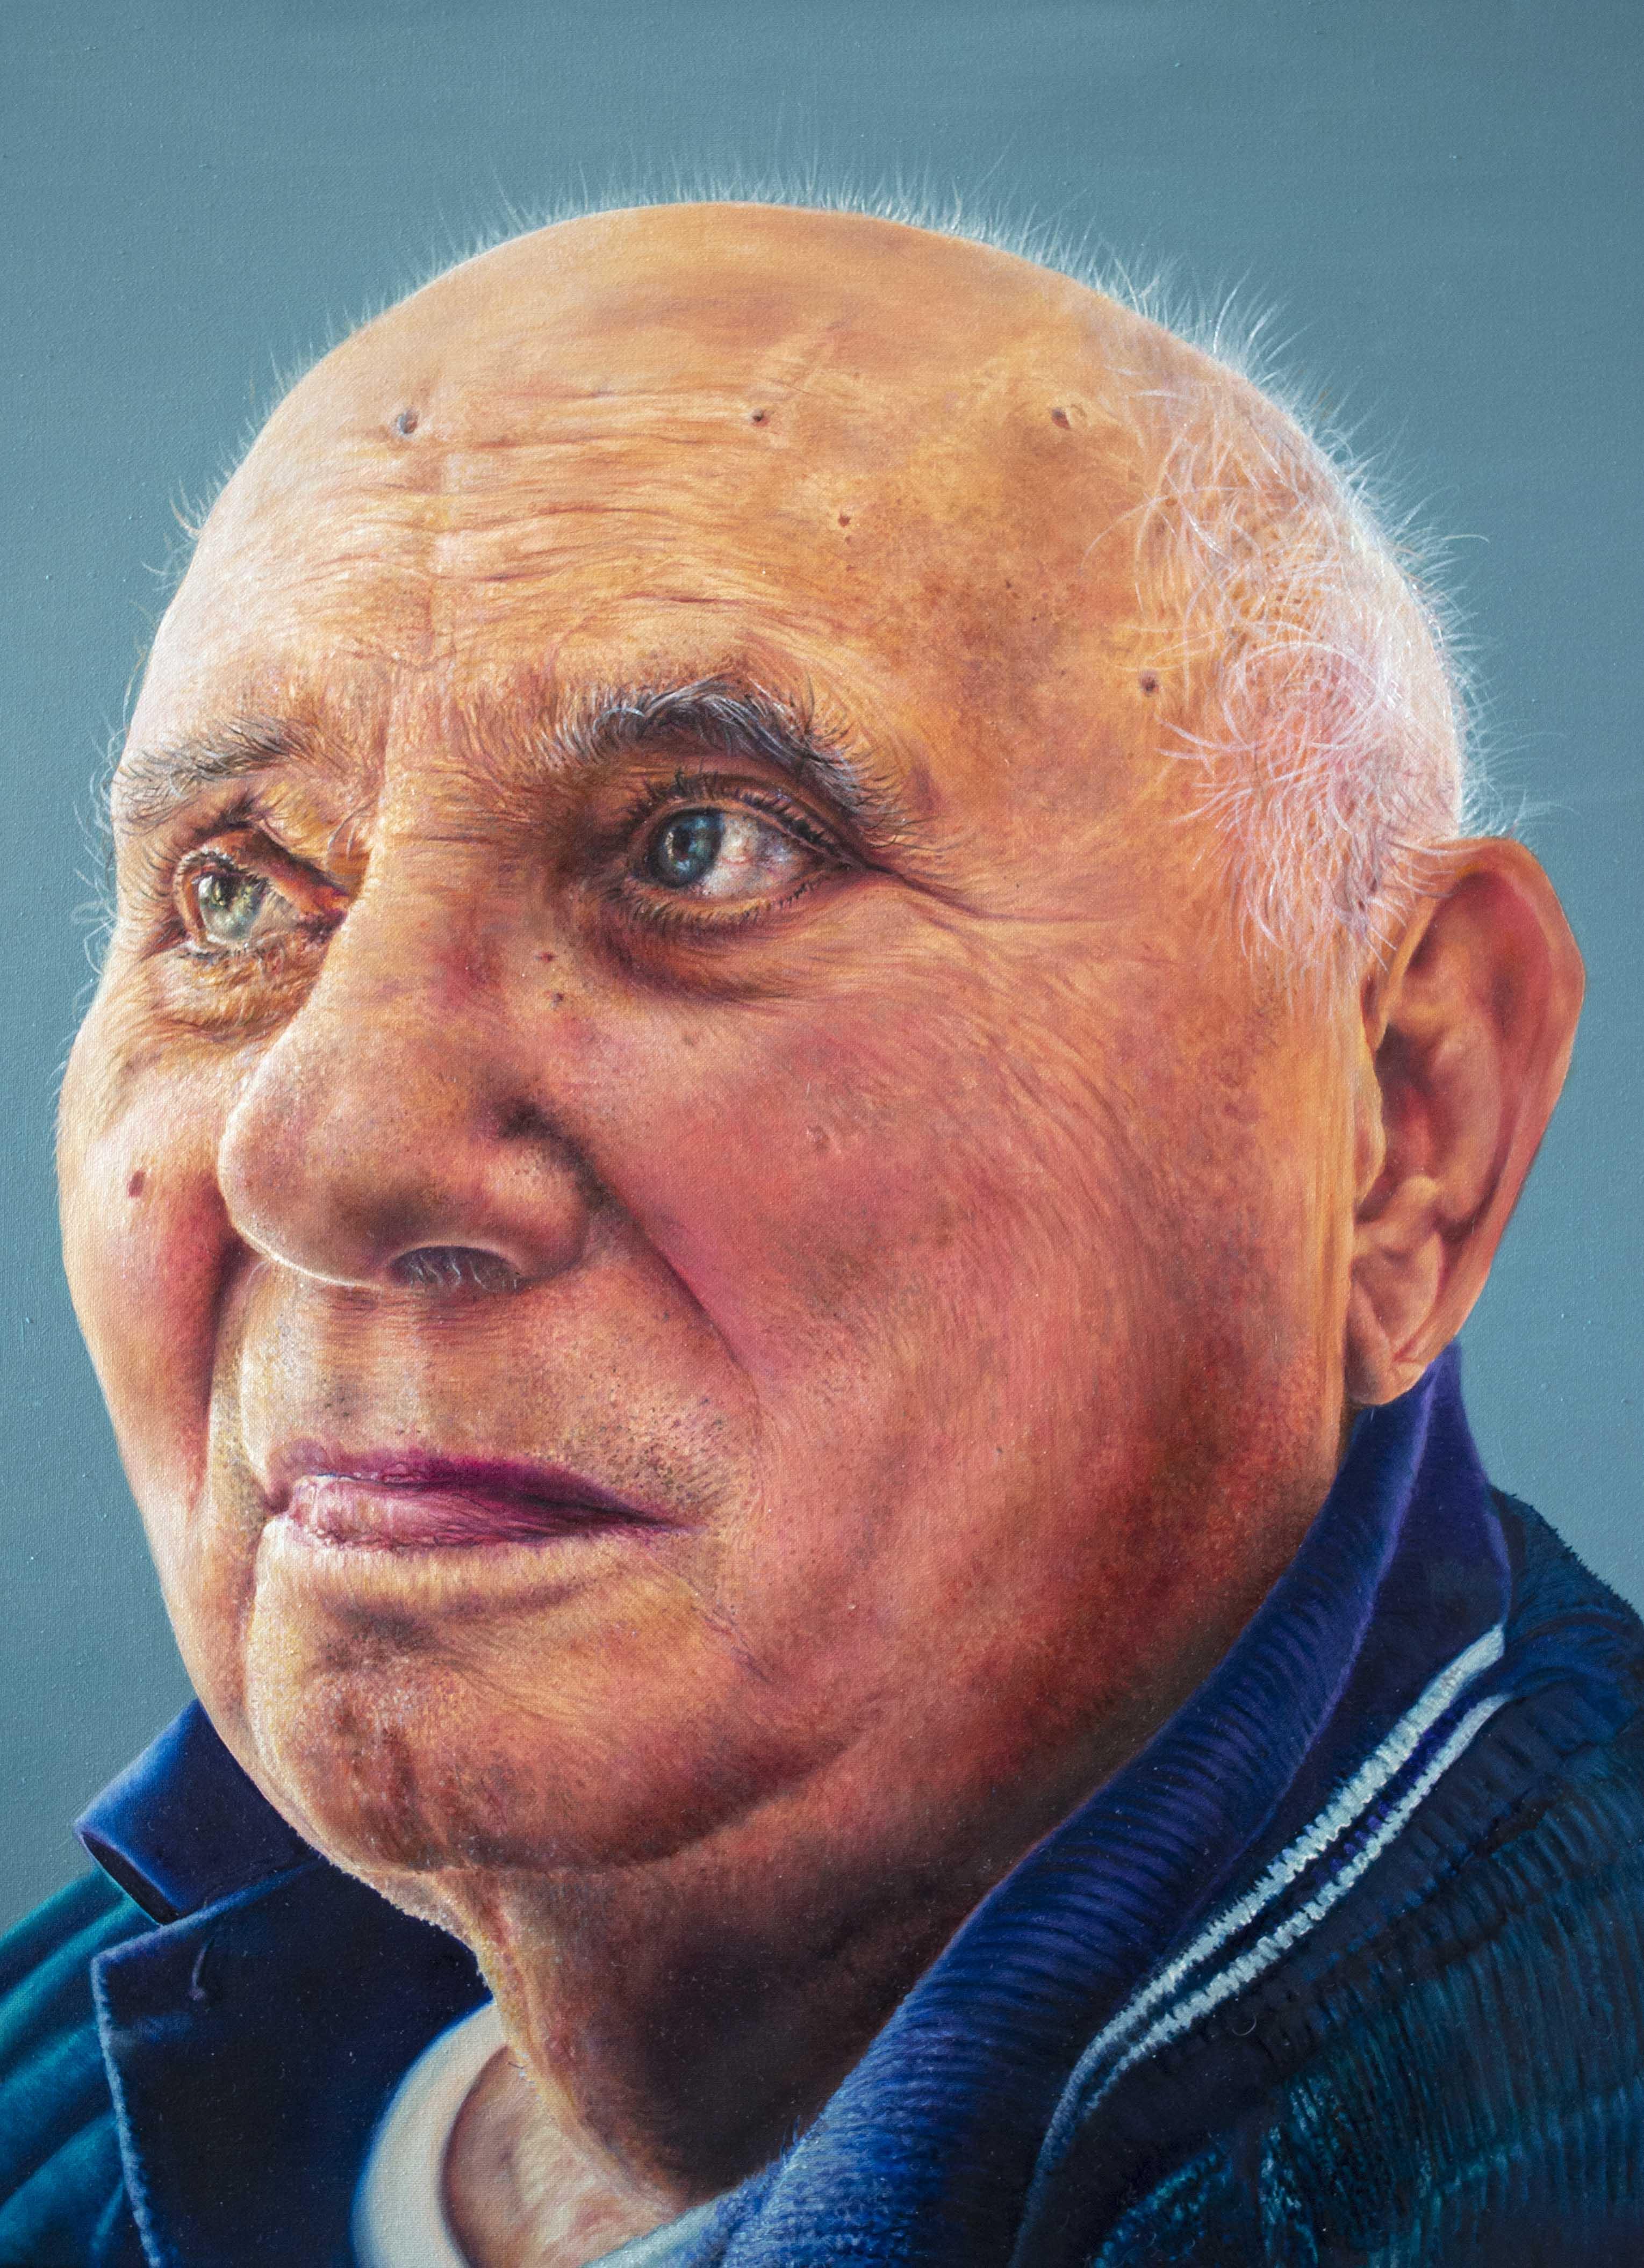 Fasi di esecuzione di un ritratto iperrealista, dipinto a olio